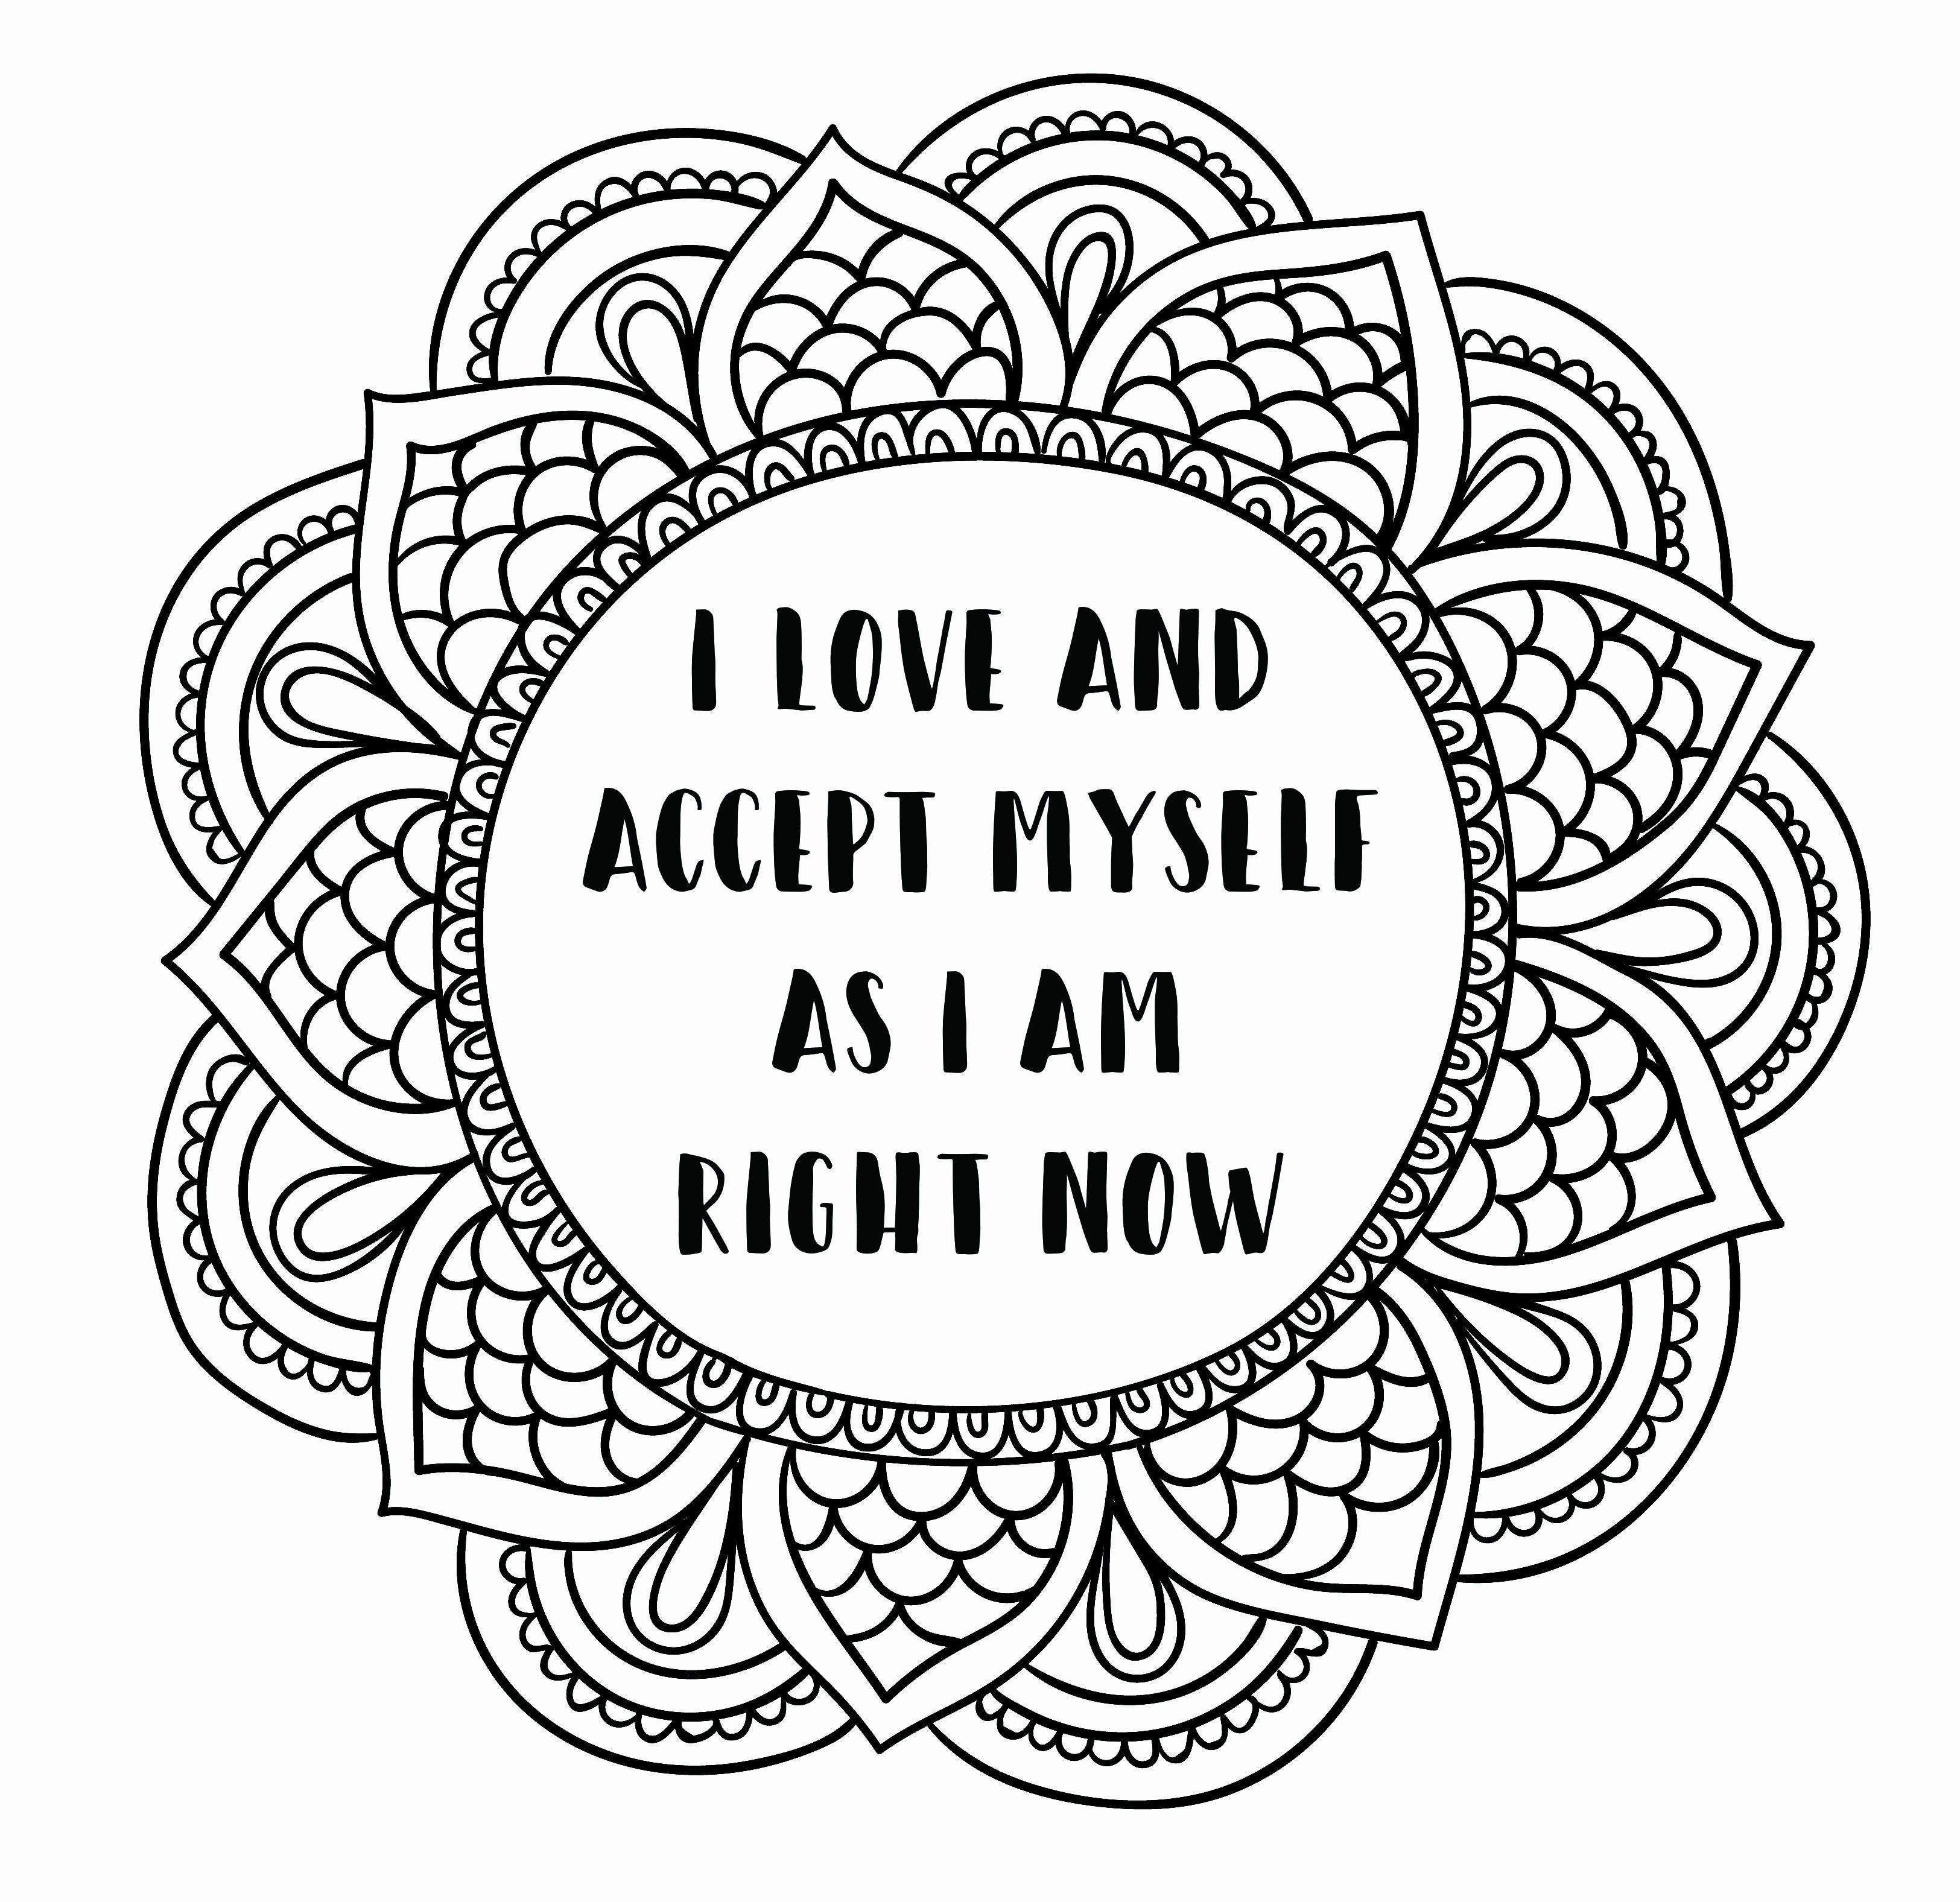 Best Coloring Book Activities Elegant Image Result For Self Love Coloring Sheet Love Coloring Pages Heart Coloring Pages Quote Coloring Pages